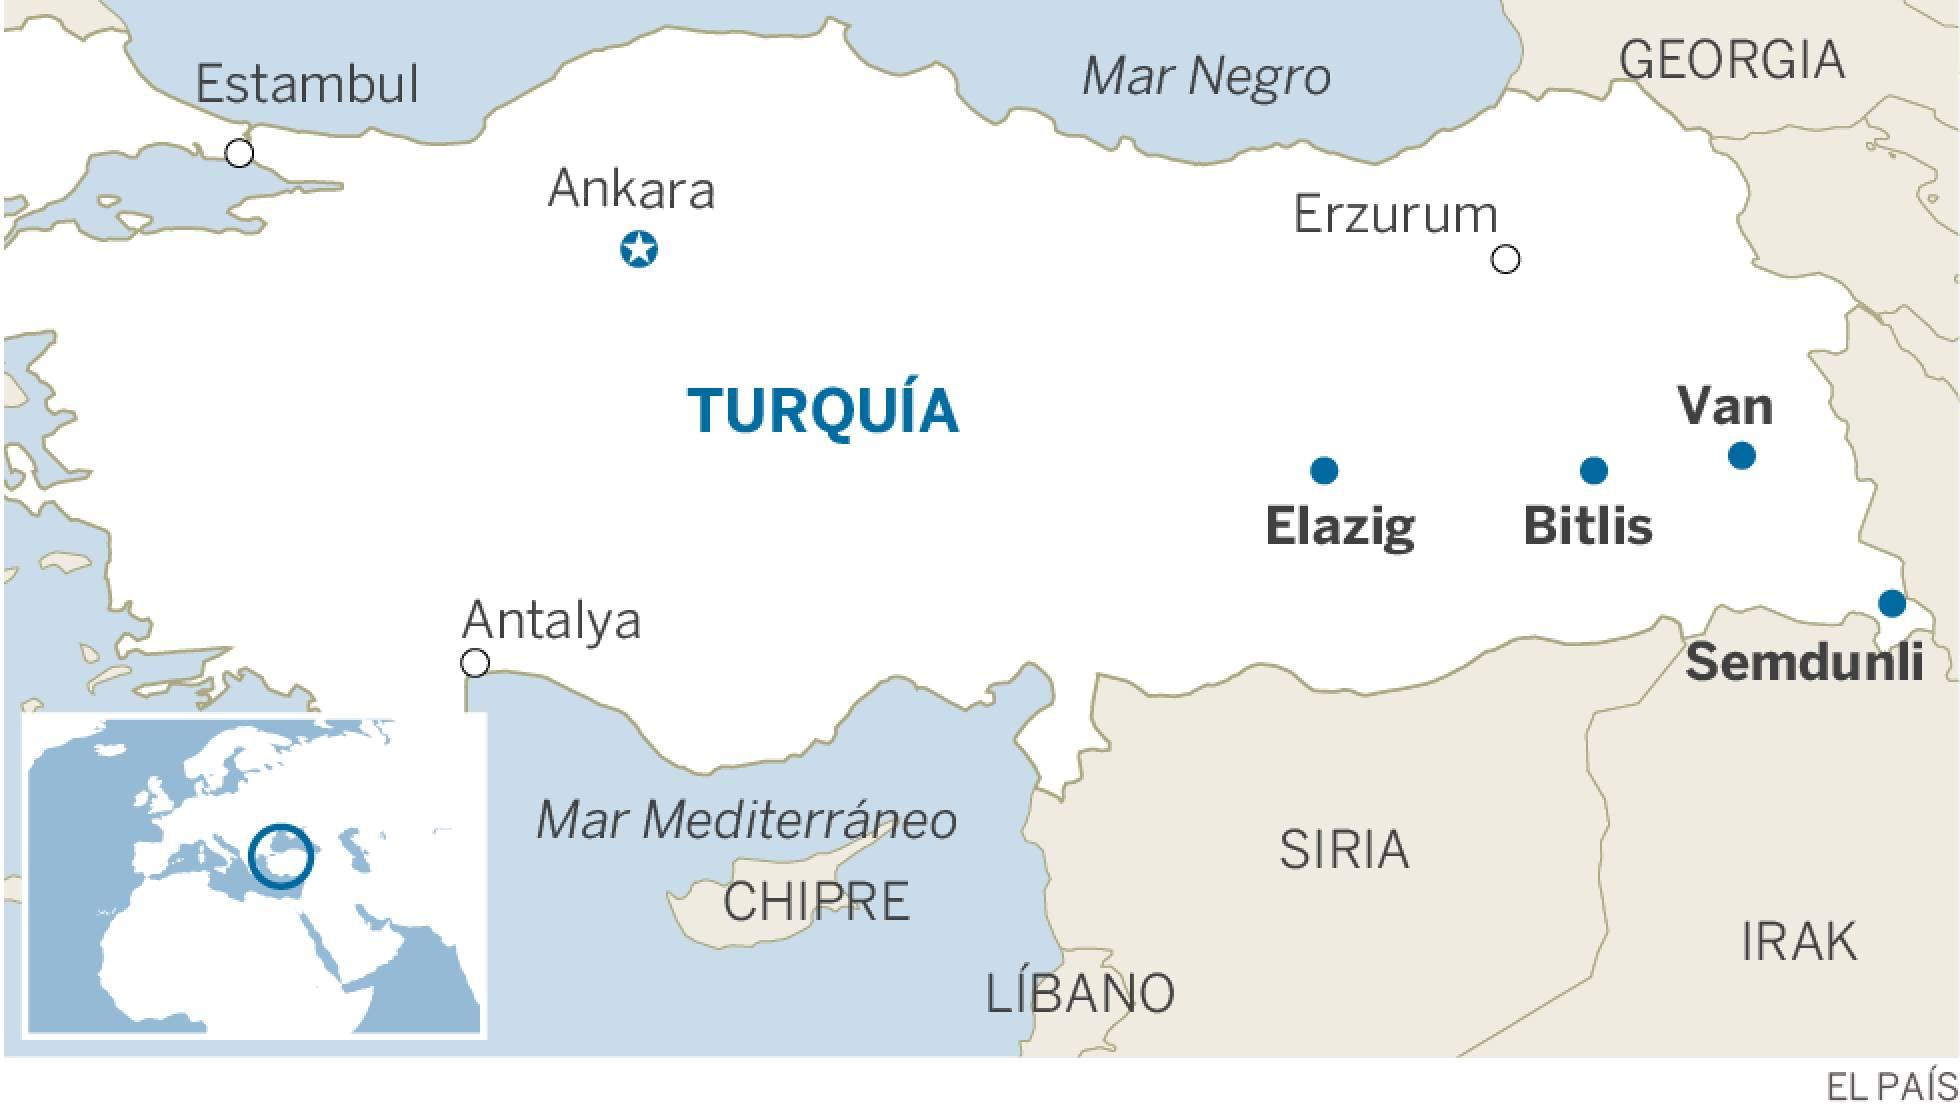 Kurdistán Norte [Turquía]: Represión, situaciones y conflictos. - Página 5 1471515541_069911_1471531350_sumario_normal_recorte1